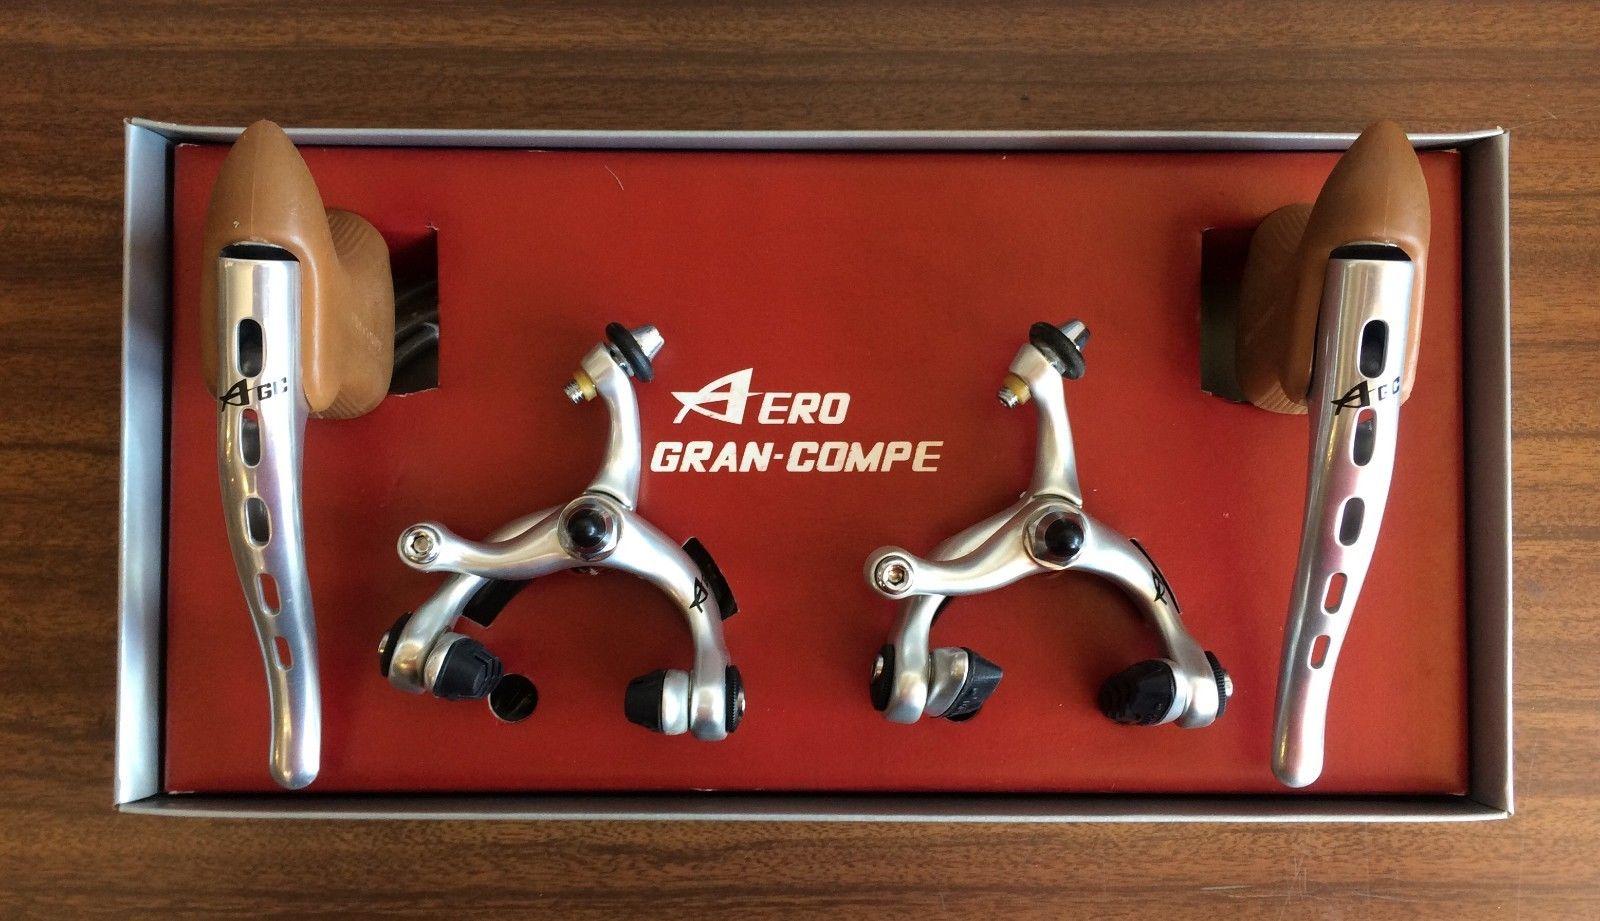 Aero Gran-Compe_NOS2.jpg